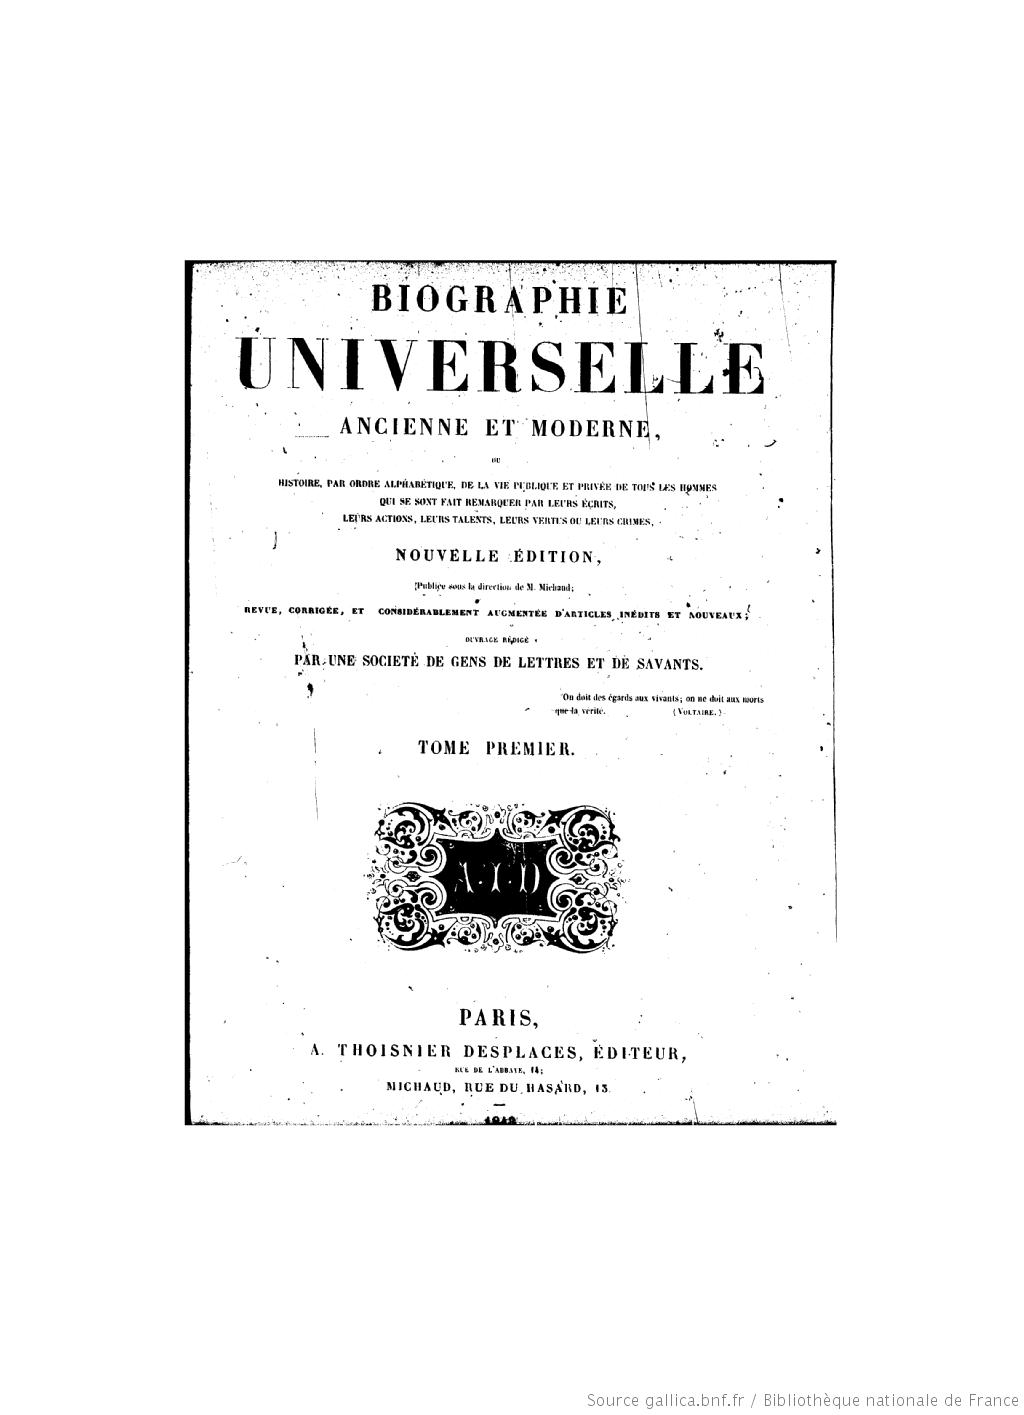 Page de titre de la Biographie universelle ancienne et moderne : histoire par ordre alphabétique de la vie publique et privée de tous les hommes